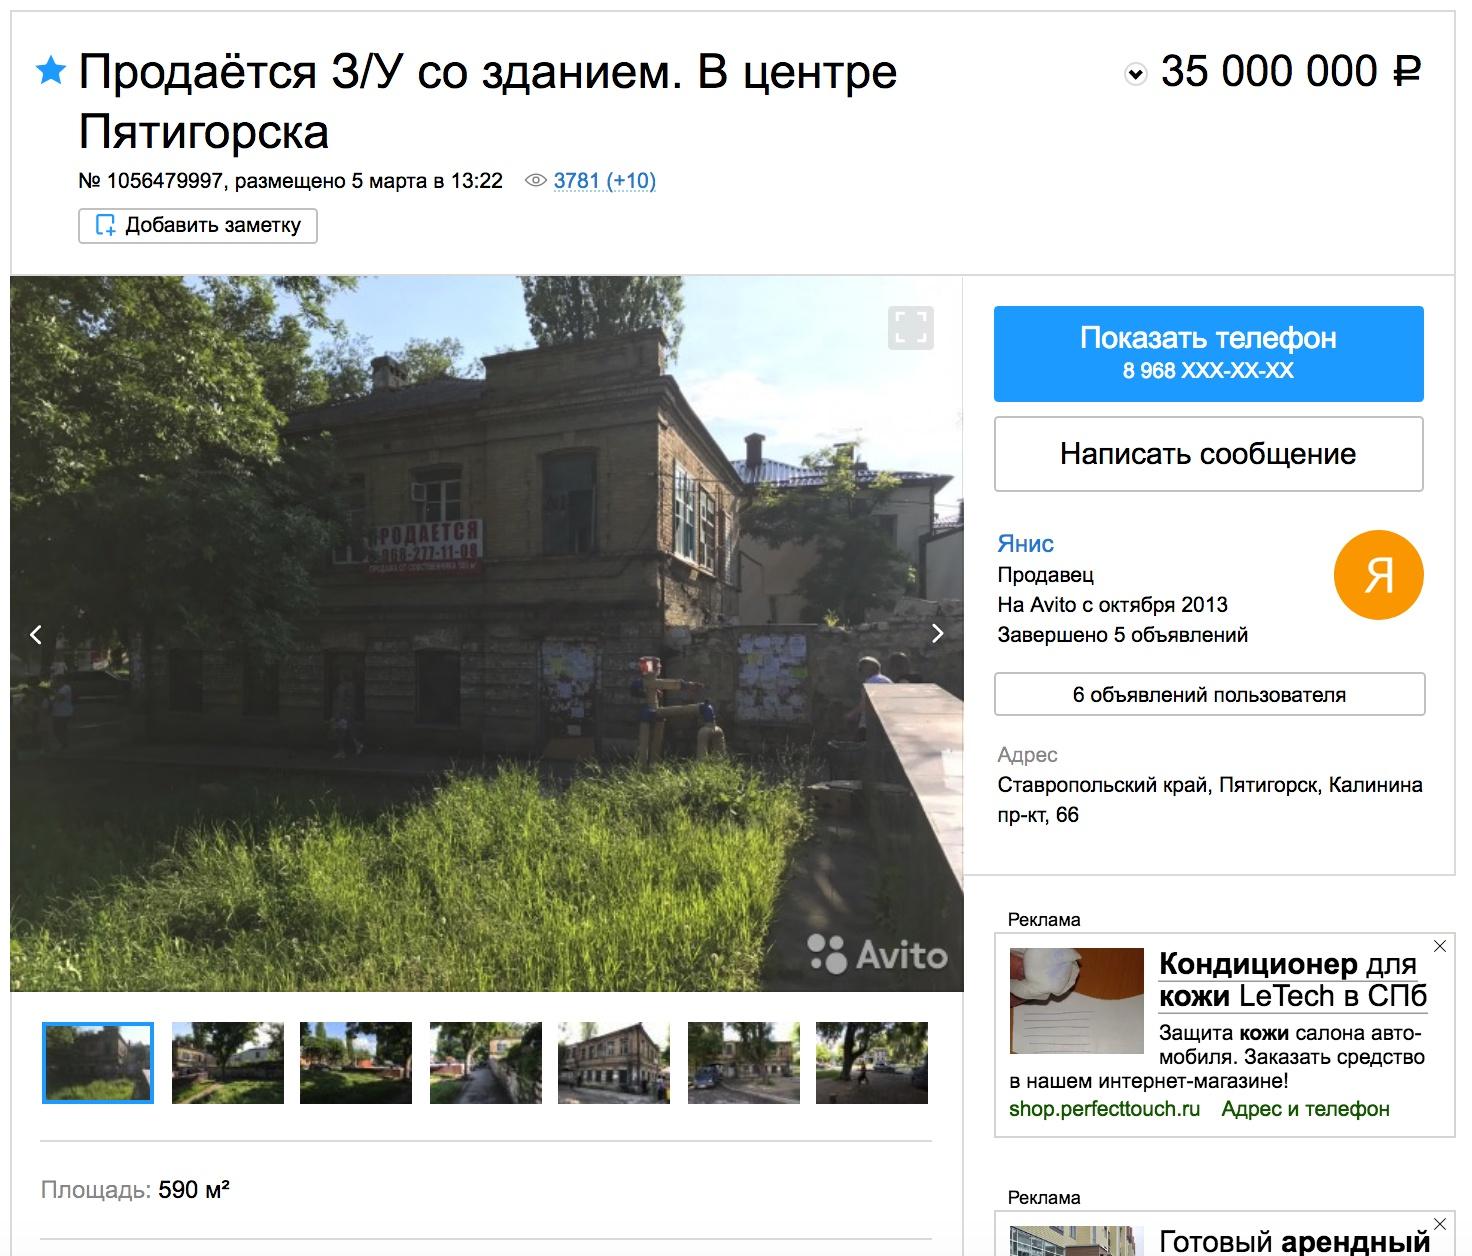 Трамадол  Телеграм Нижний Новгород Психоделики legalrc Бийск